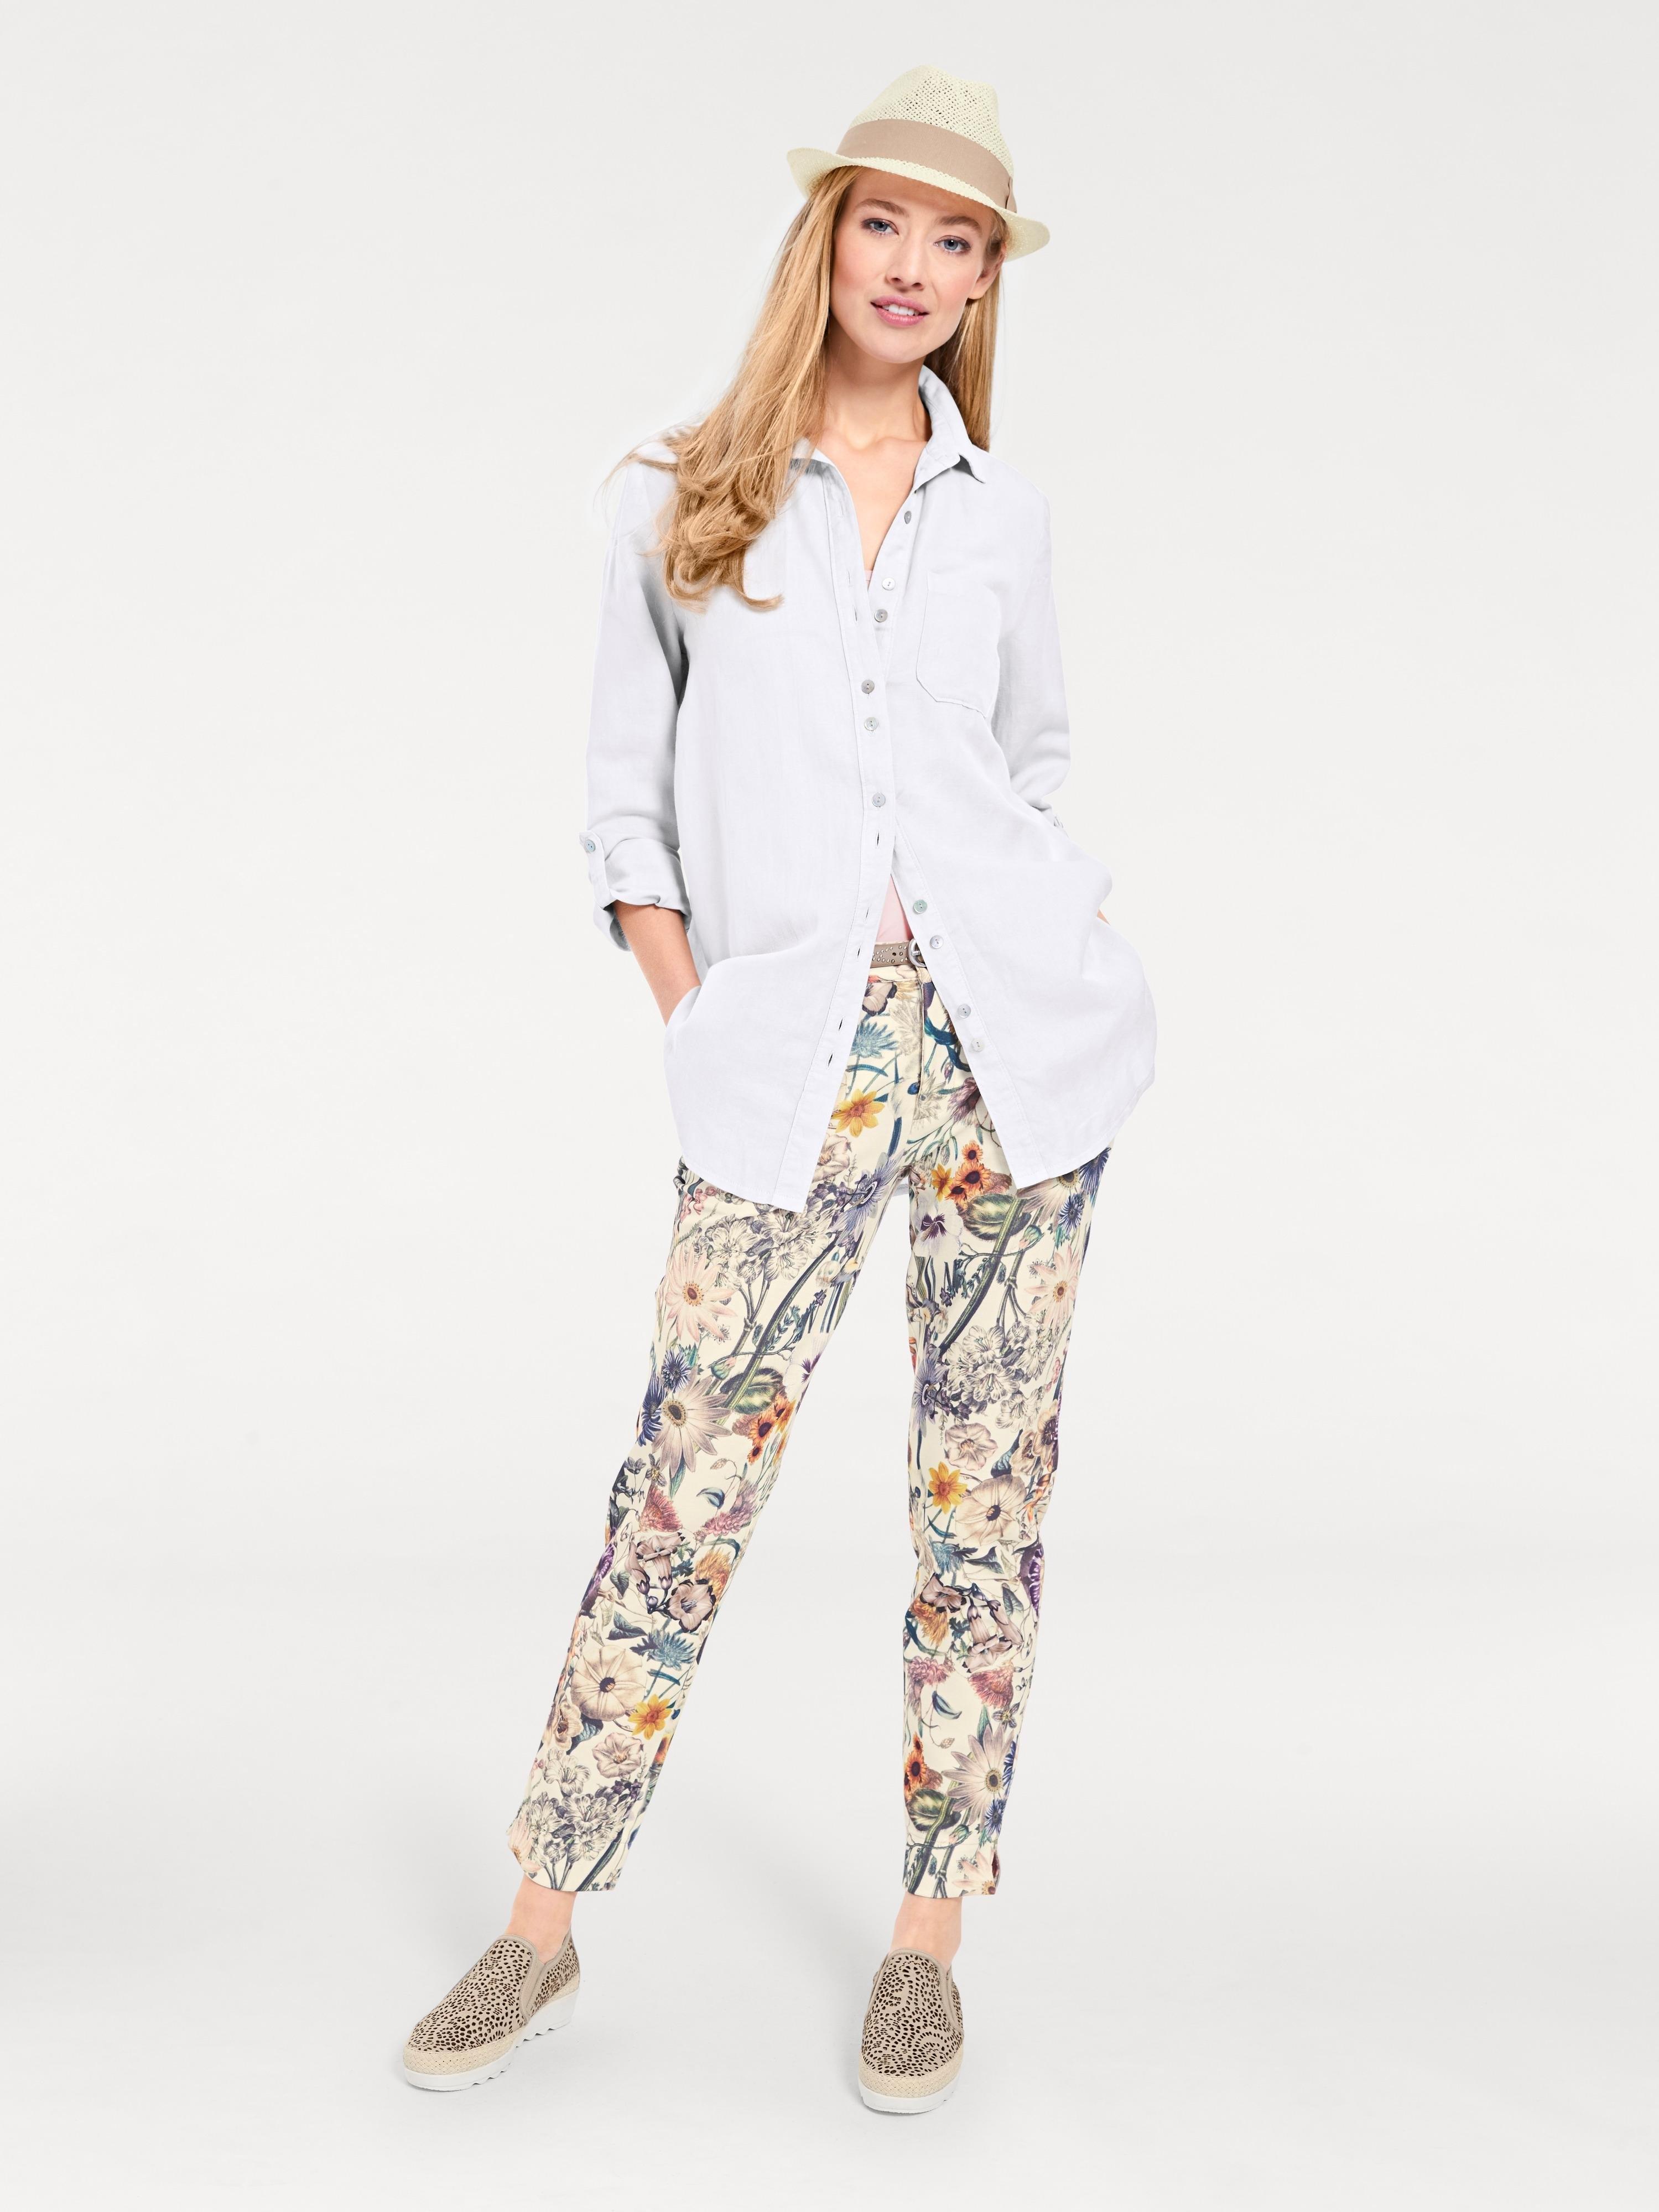 blouse Longline Longline Gevonden Longline Makkelijk Makkelijk blouse Makkelijk Makkelijk Gevonden blouse Longline blouse Gevonden OX8nwP0k